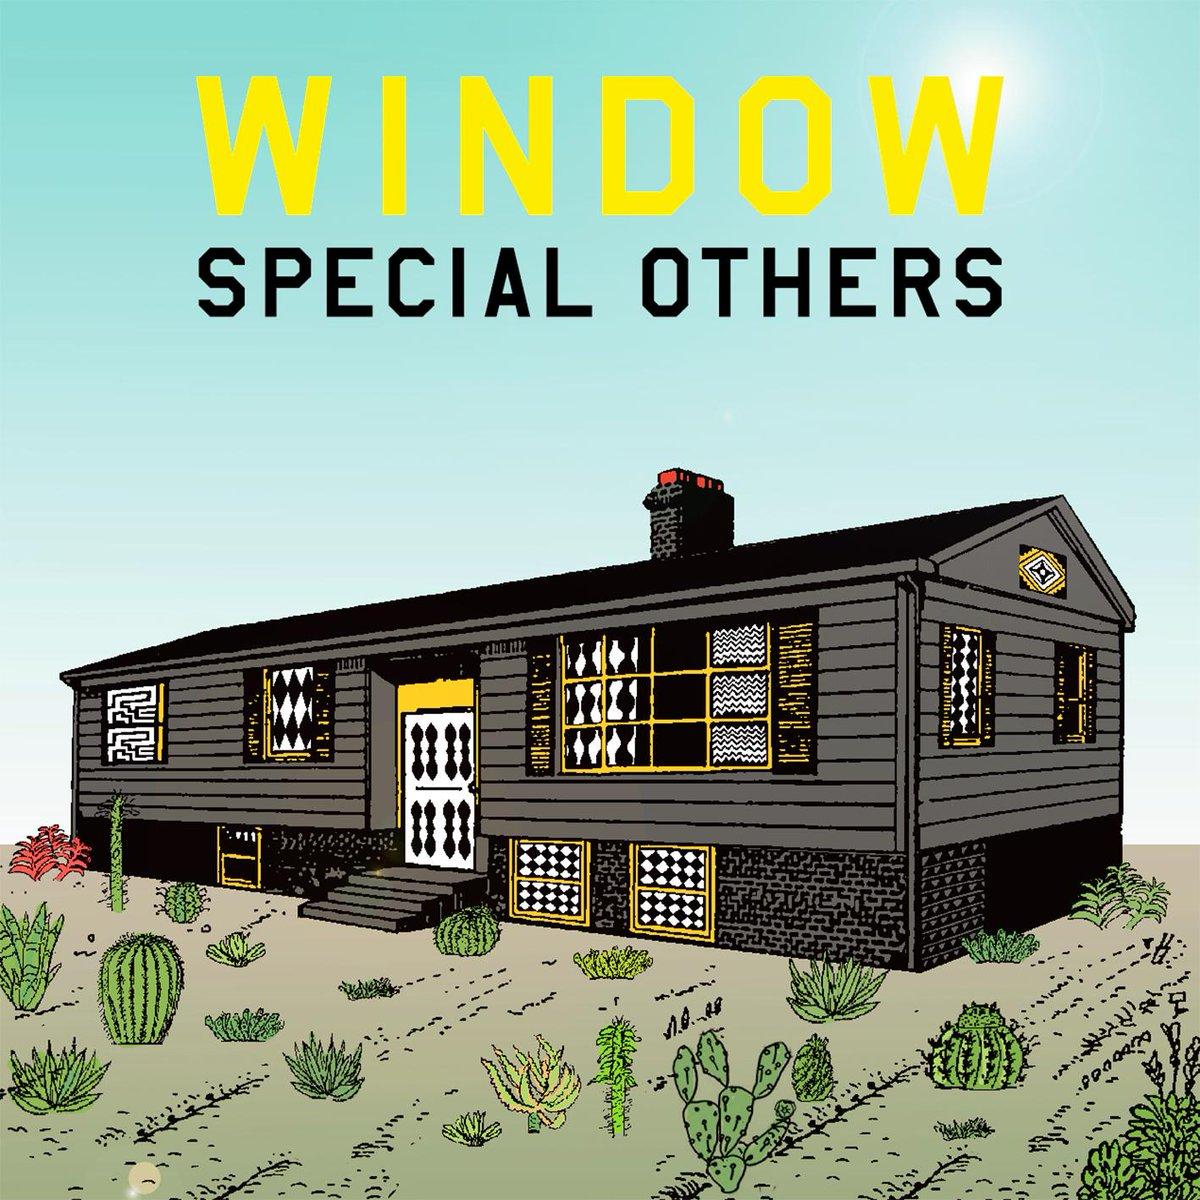 ニューアルバム『WINDOW』詳細発表&全国ツアー開催決定!http://t.co/6RMQqnM2Kg http://t.co/8CYSCDXlP4